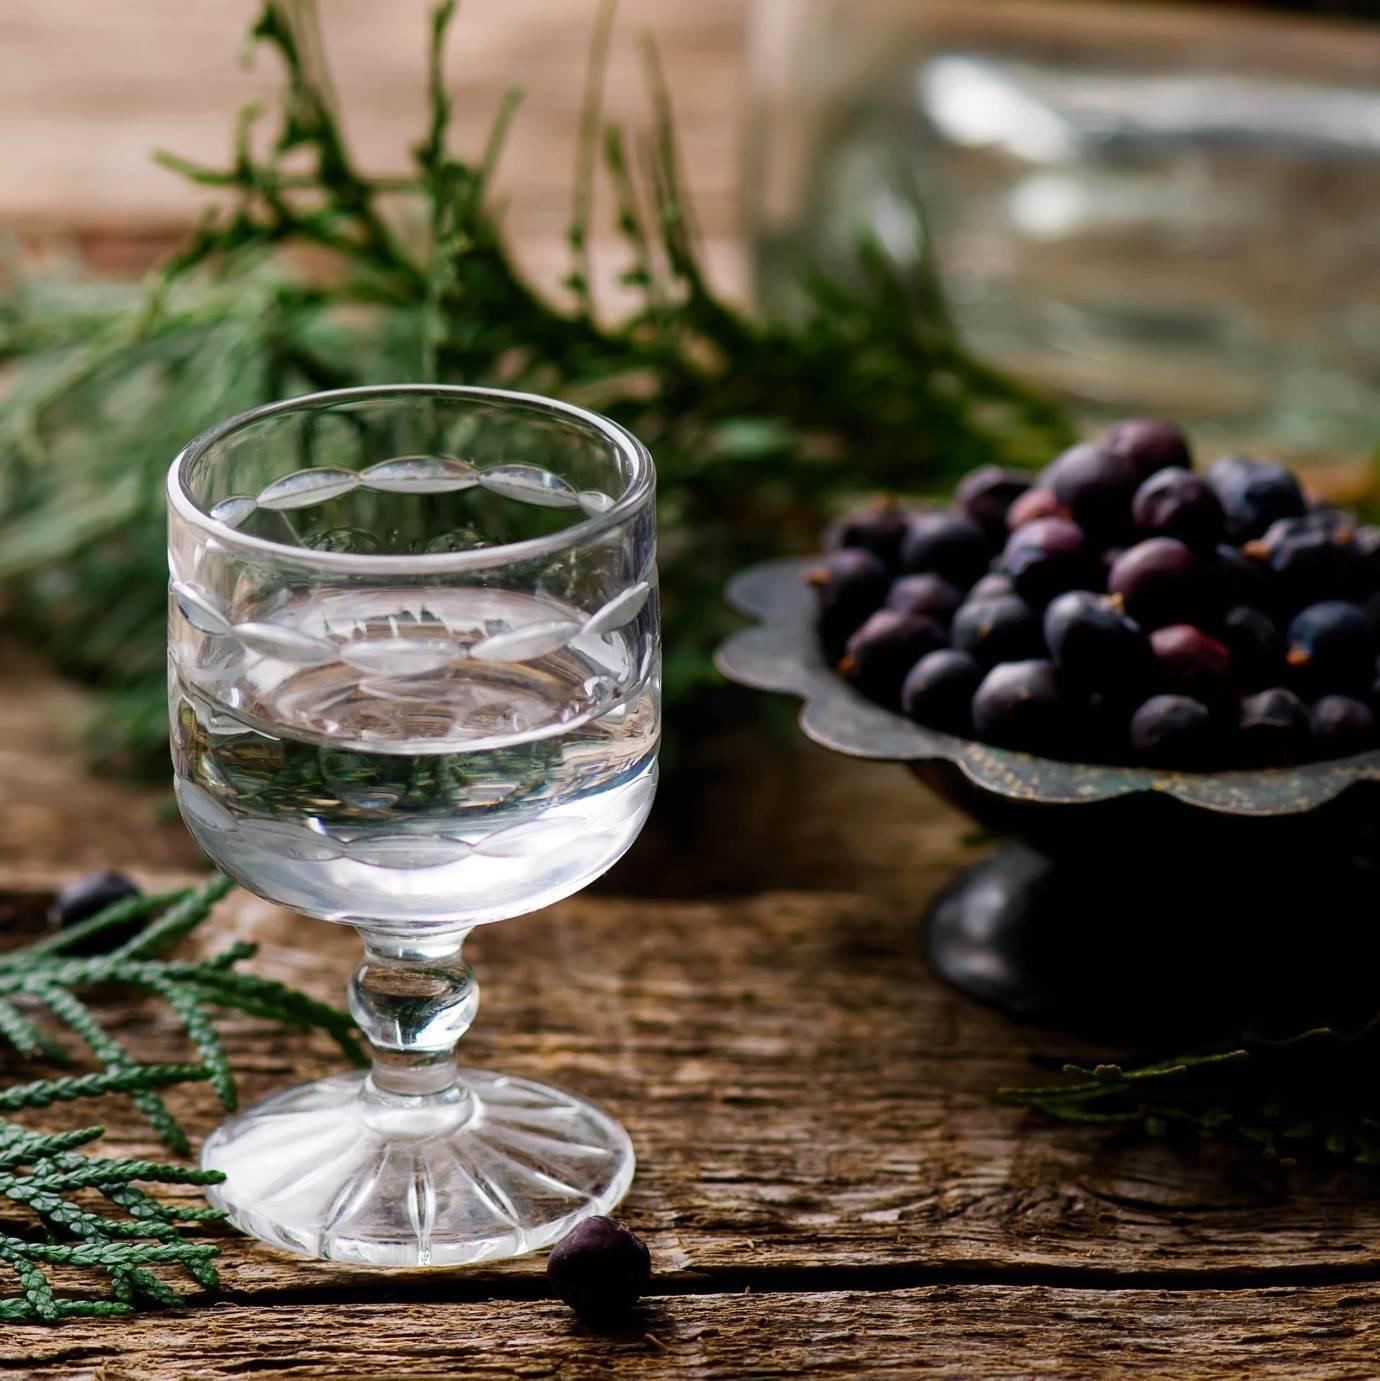 Самогон на можжевельнике: настойка на можжевеловых ягодах, рецепт в домашних условиях